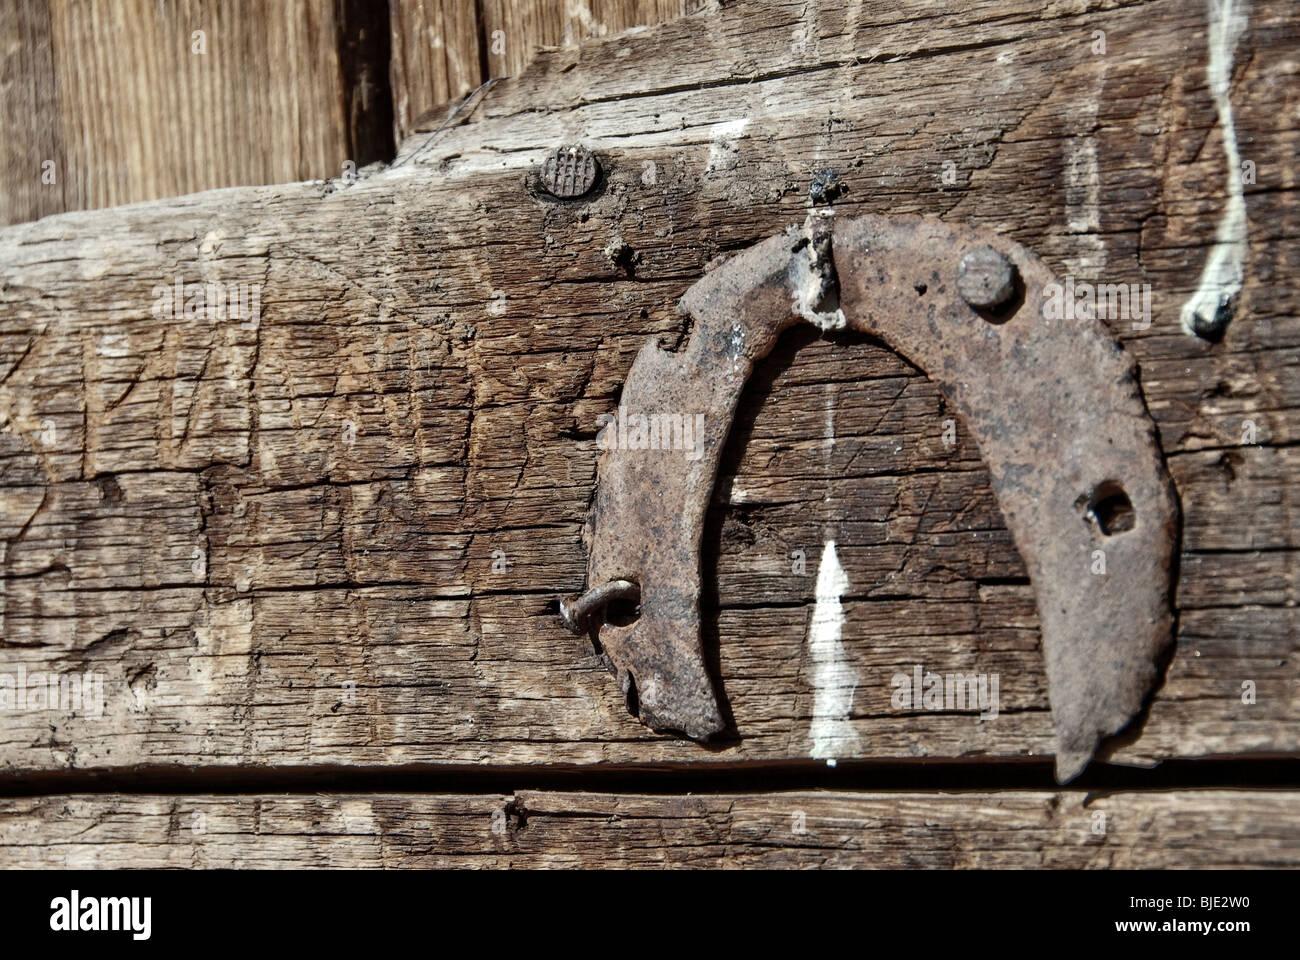 Pferd Schuh auf eine Tür, Jelandy, Tadschikistan genagelt. Stockbild